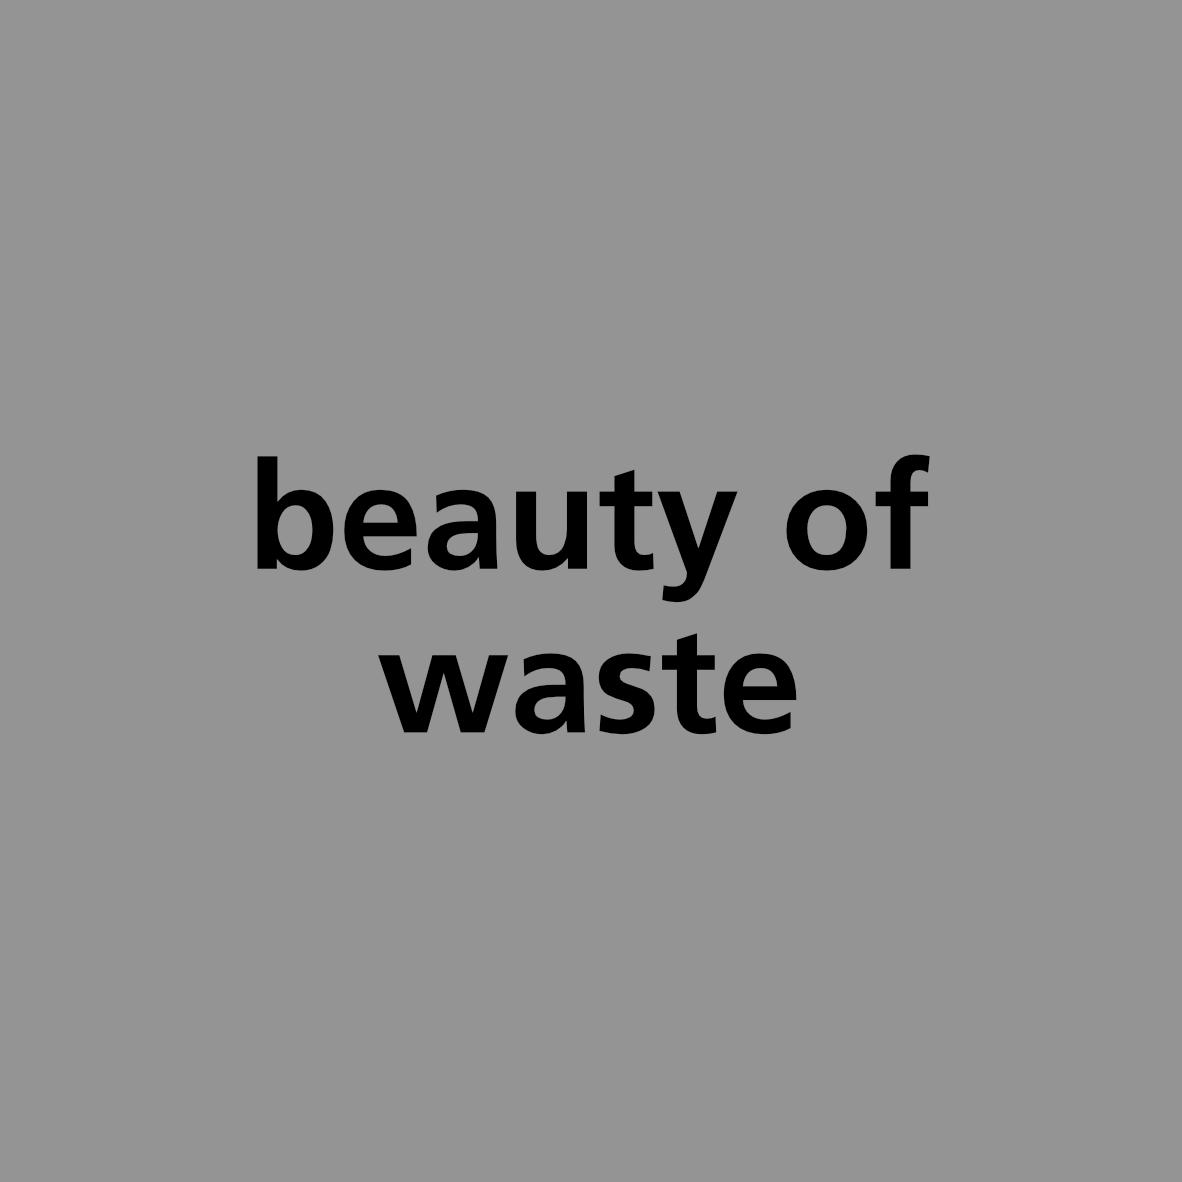 beauty of waste